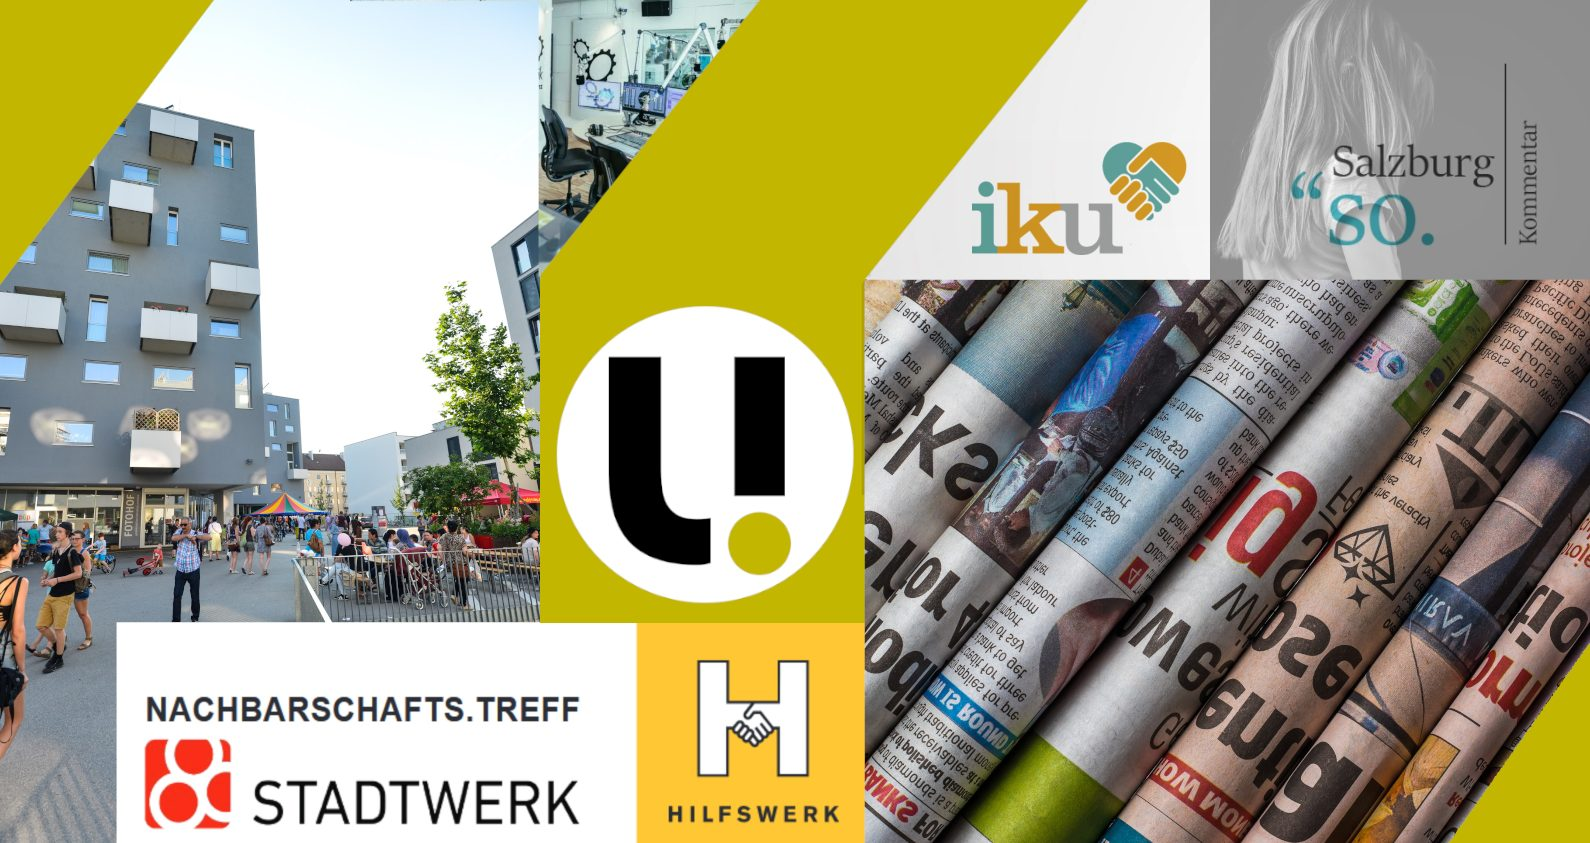 unerhört! Journalismus im Wandel | Verein IKU | Nachbarschafts.Treff Lehen | Wochenkommentar So.